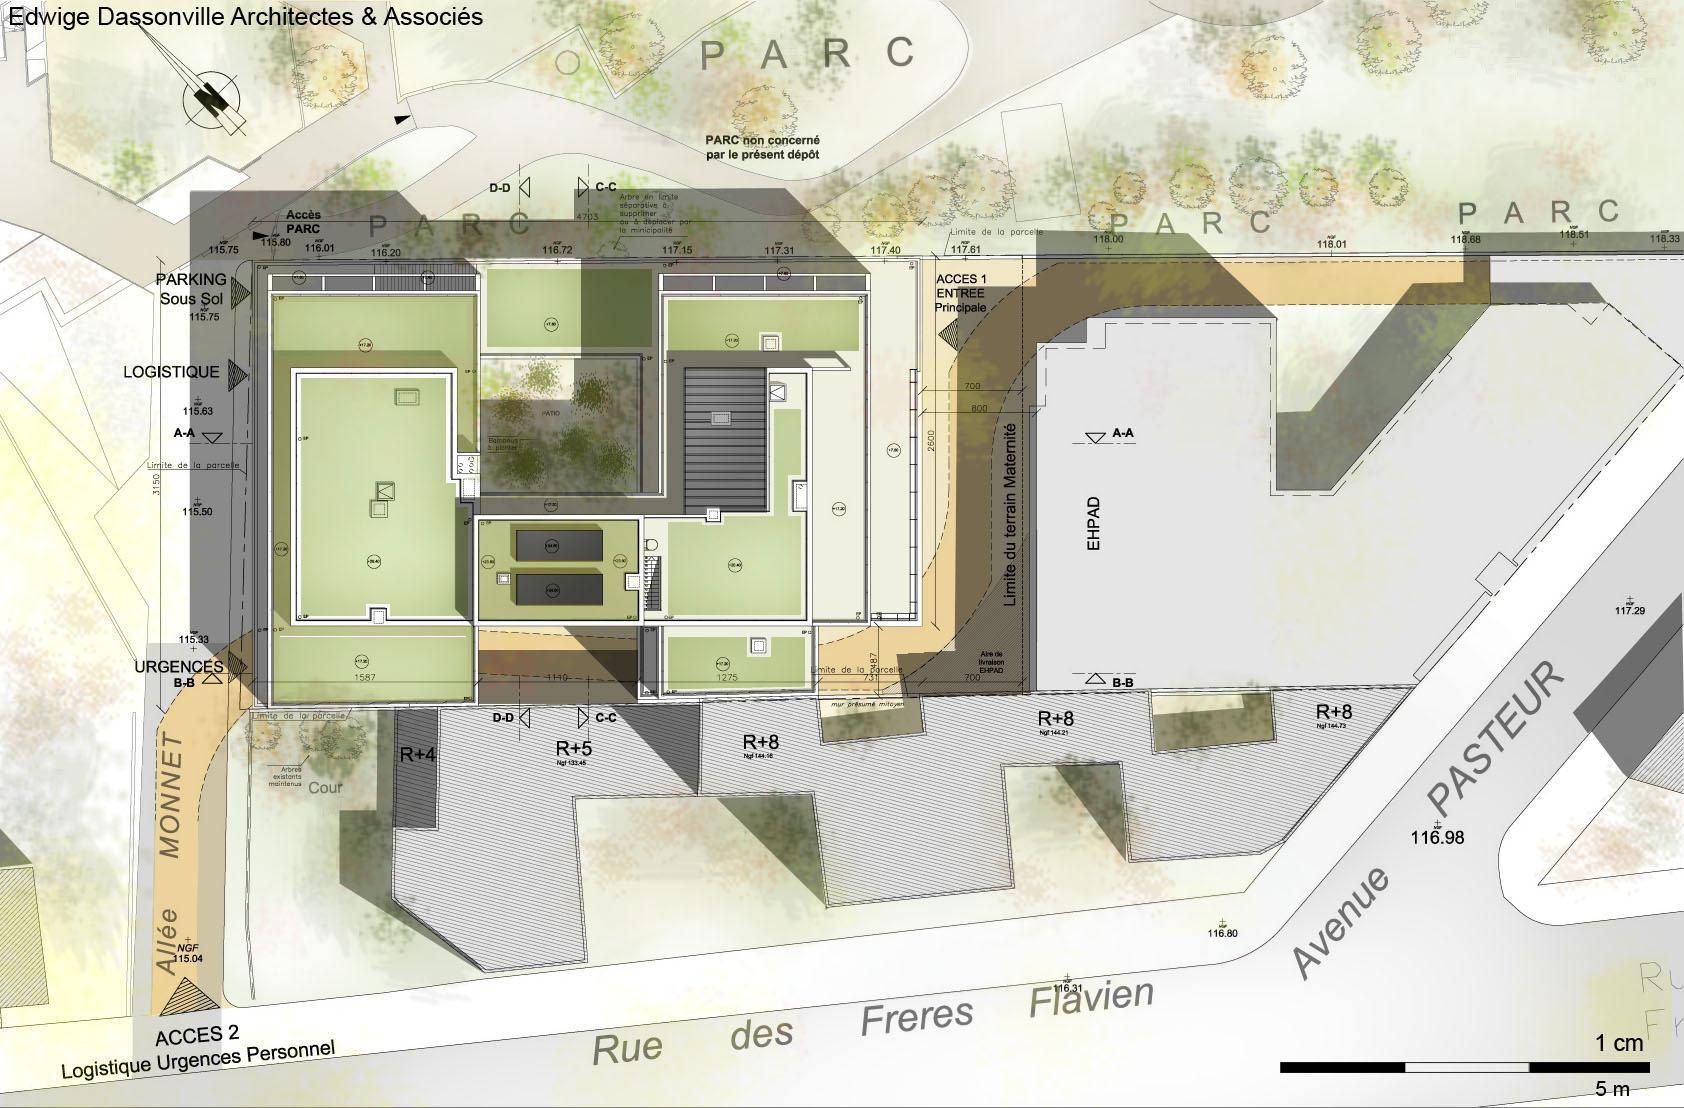 Extrem Dessin D'architecture D'un Plan De Masse – Maison Moderne UQ23